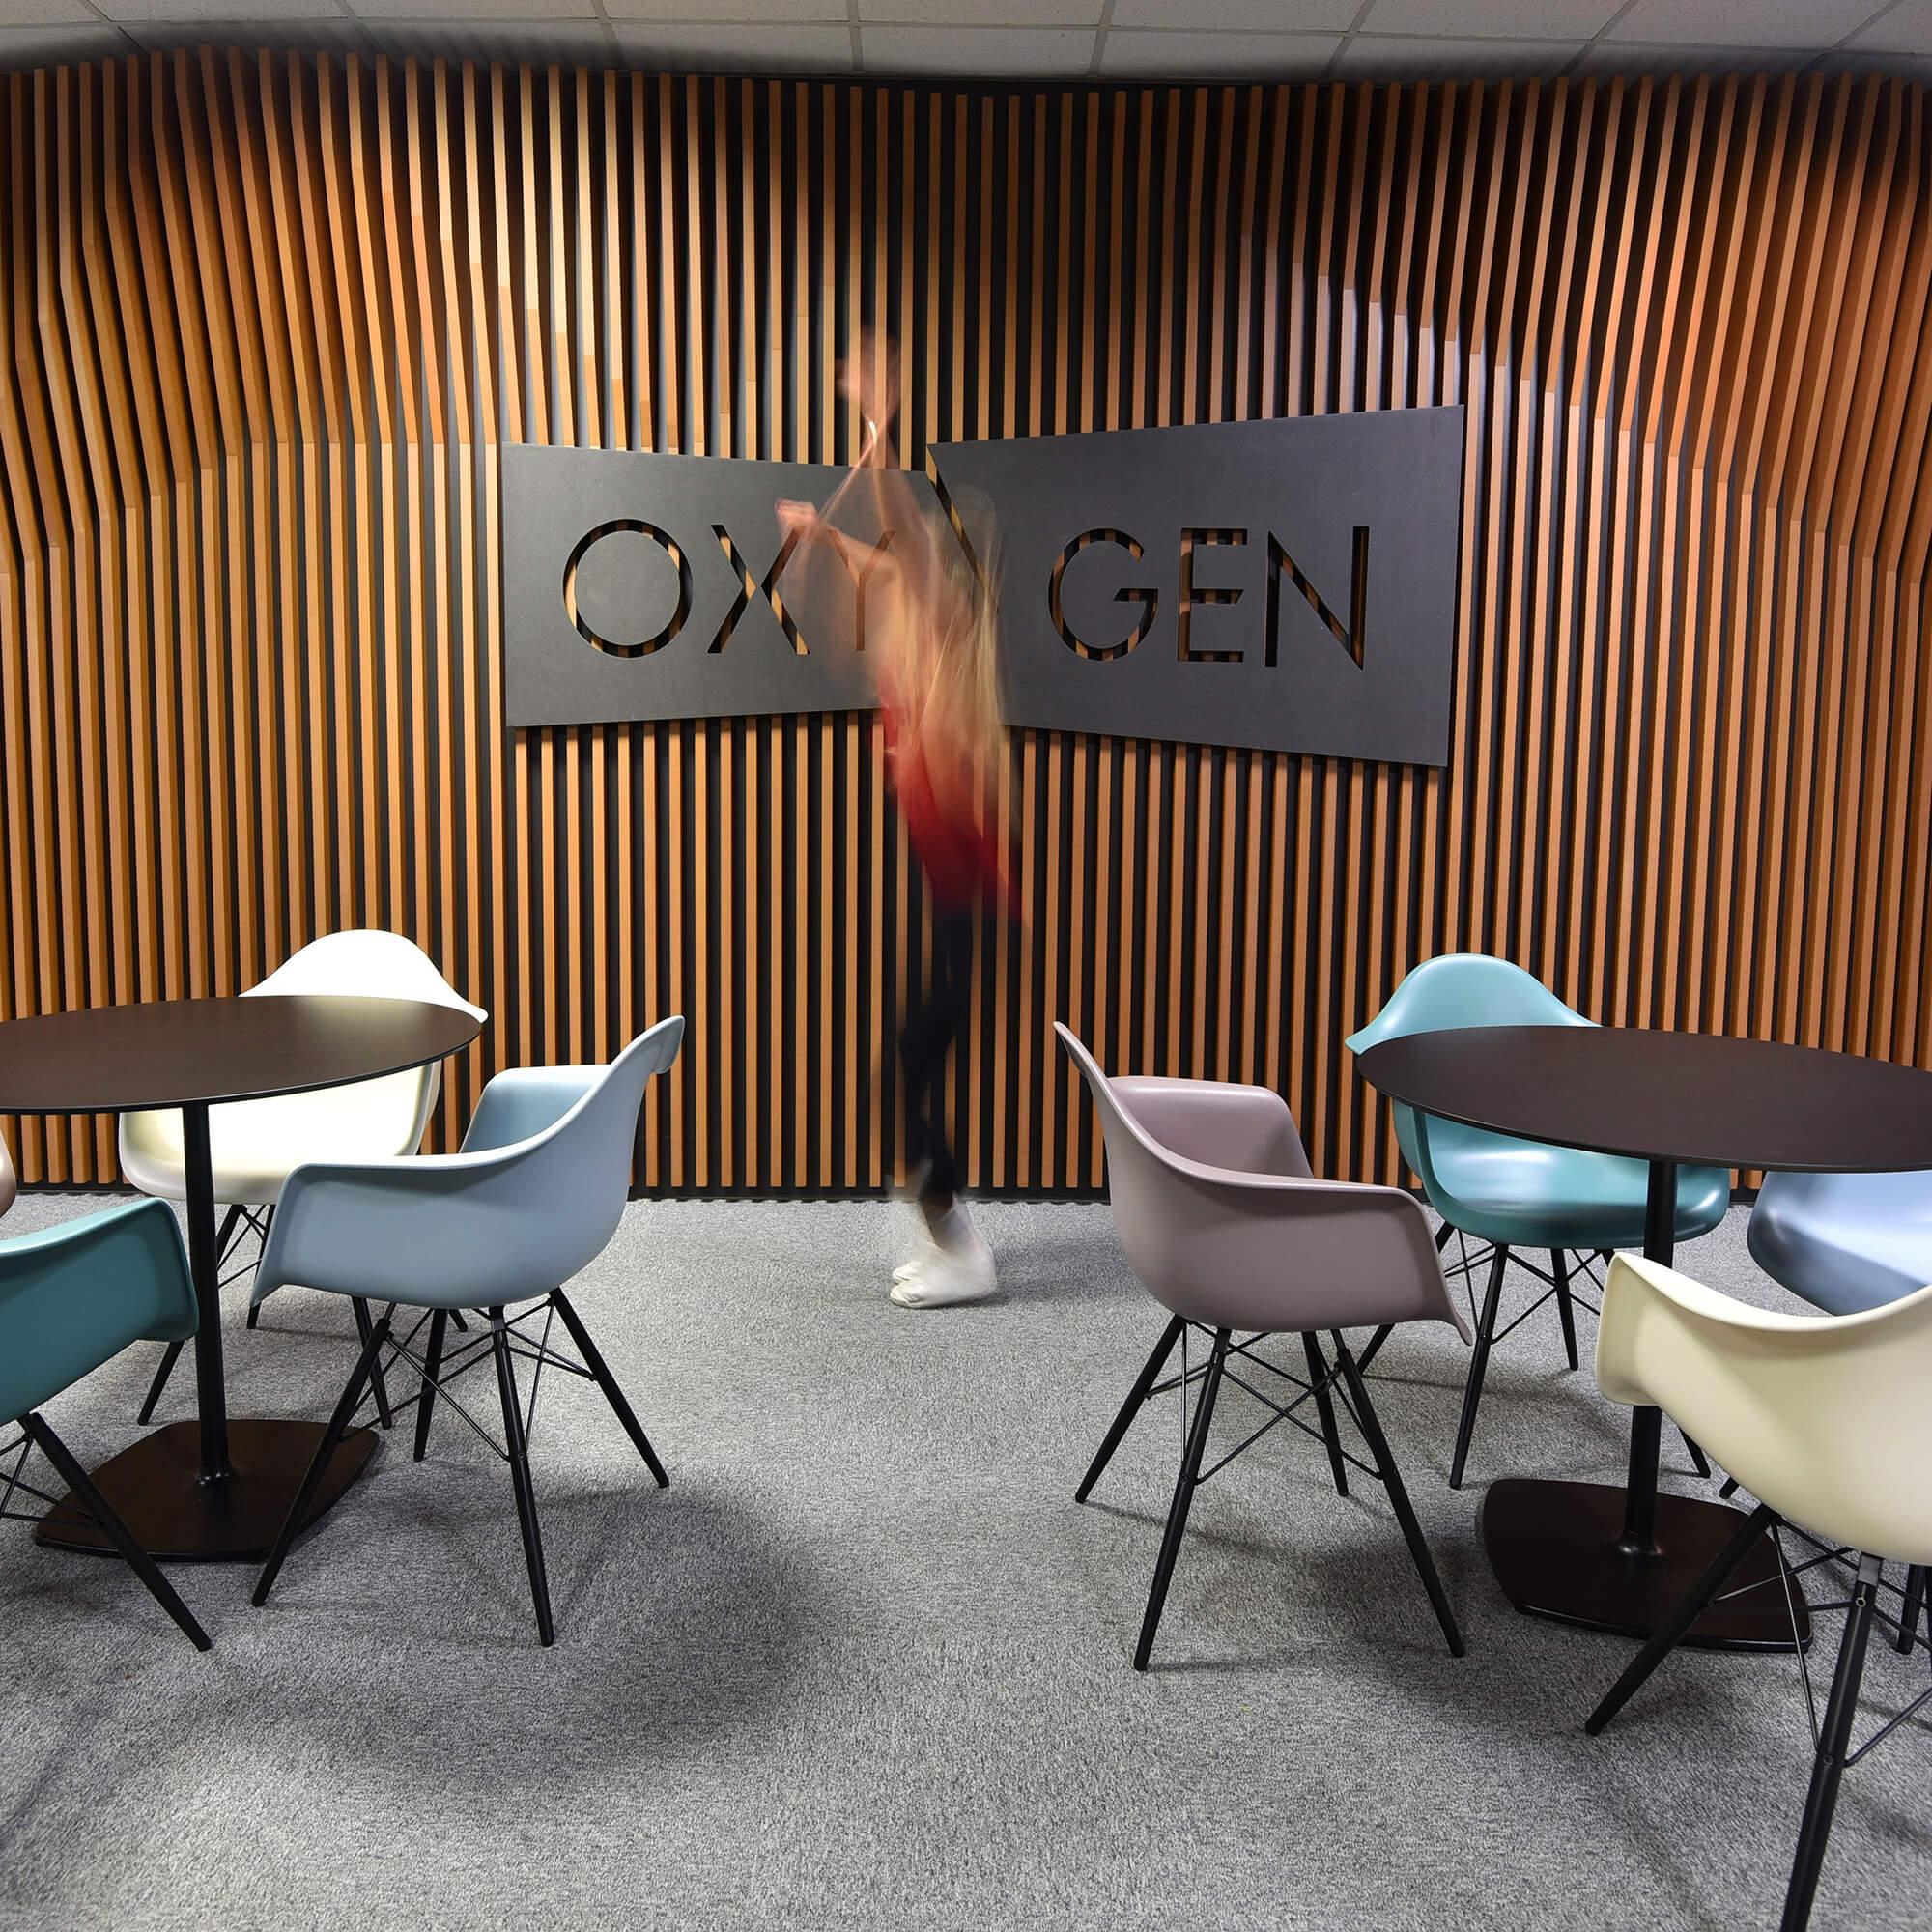 Karnet, architekti Oxygen